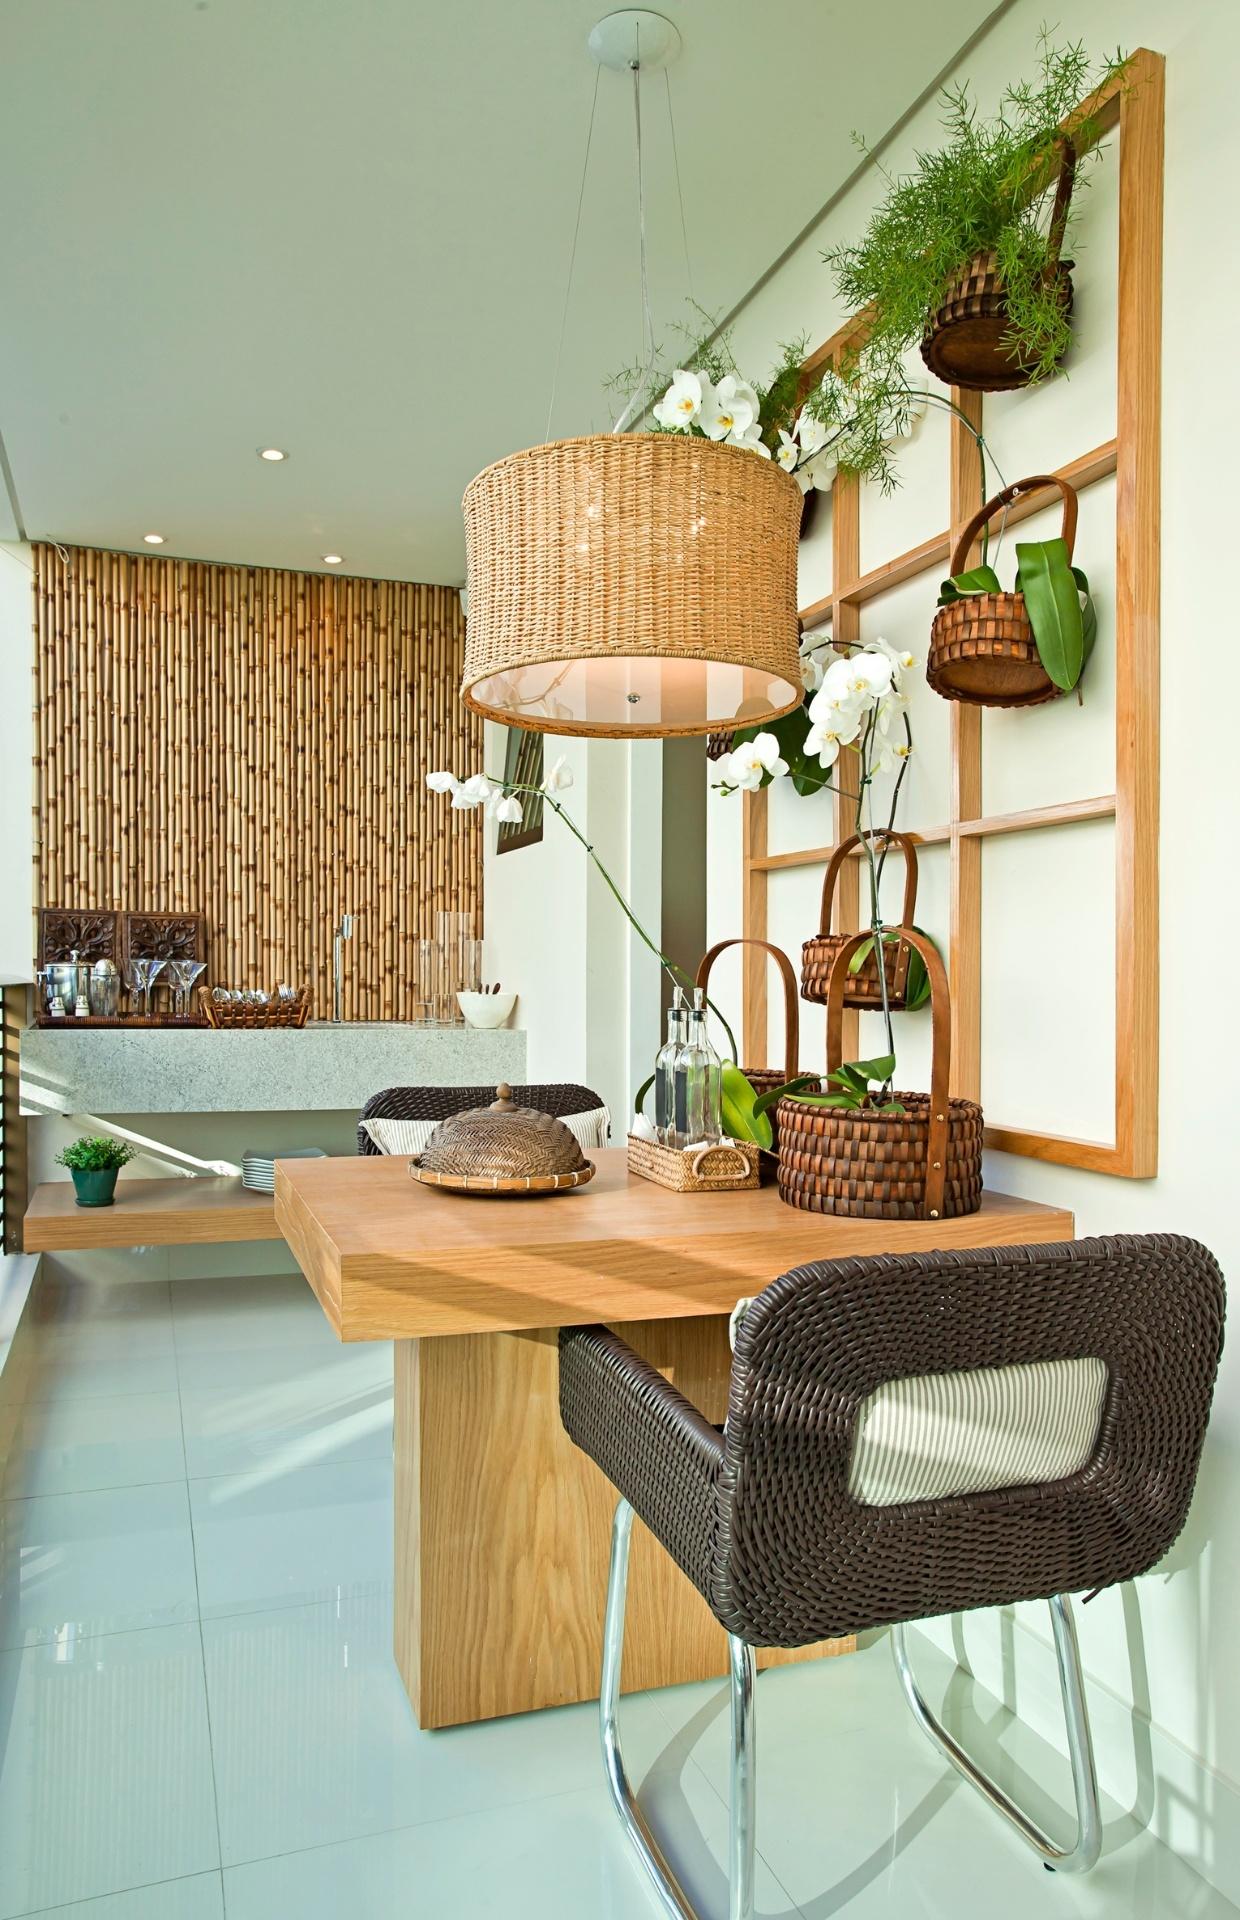 Em uma das paredes da varanda projetada pela arquiteta Maithiá Guedes foram aplicados painéis de bambu da empresa A Morada. Segundo a arquiteta, é usado fio de aço para juntar os bambus, que formam a superfície com medidas 1,5 x 2 m ou 0,75 x 2 m